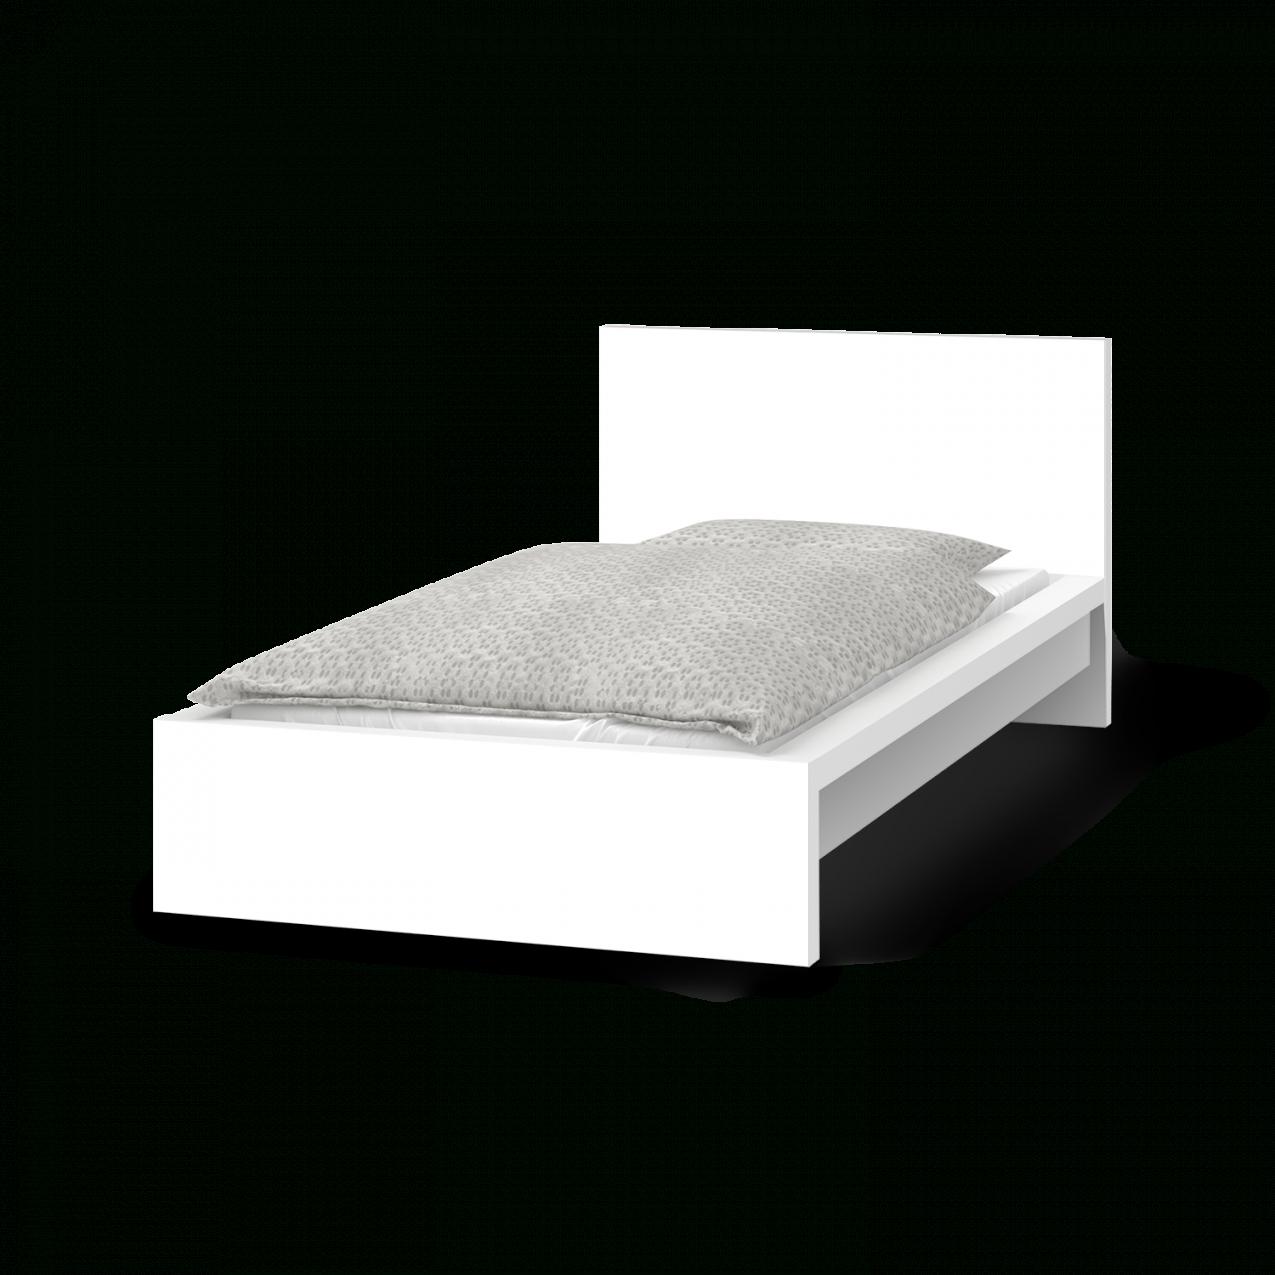 Ikea Betten 90x200 Weiß : malm bett niedrig 90x200 cm m belfolie wei creatisto von ikea malm bett 90x200 bild haus ~ Watch28wear.com Haus und Dekorationen